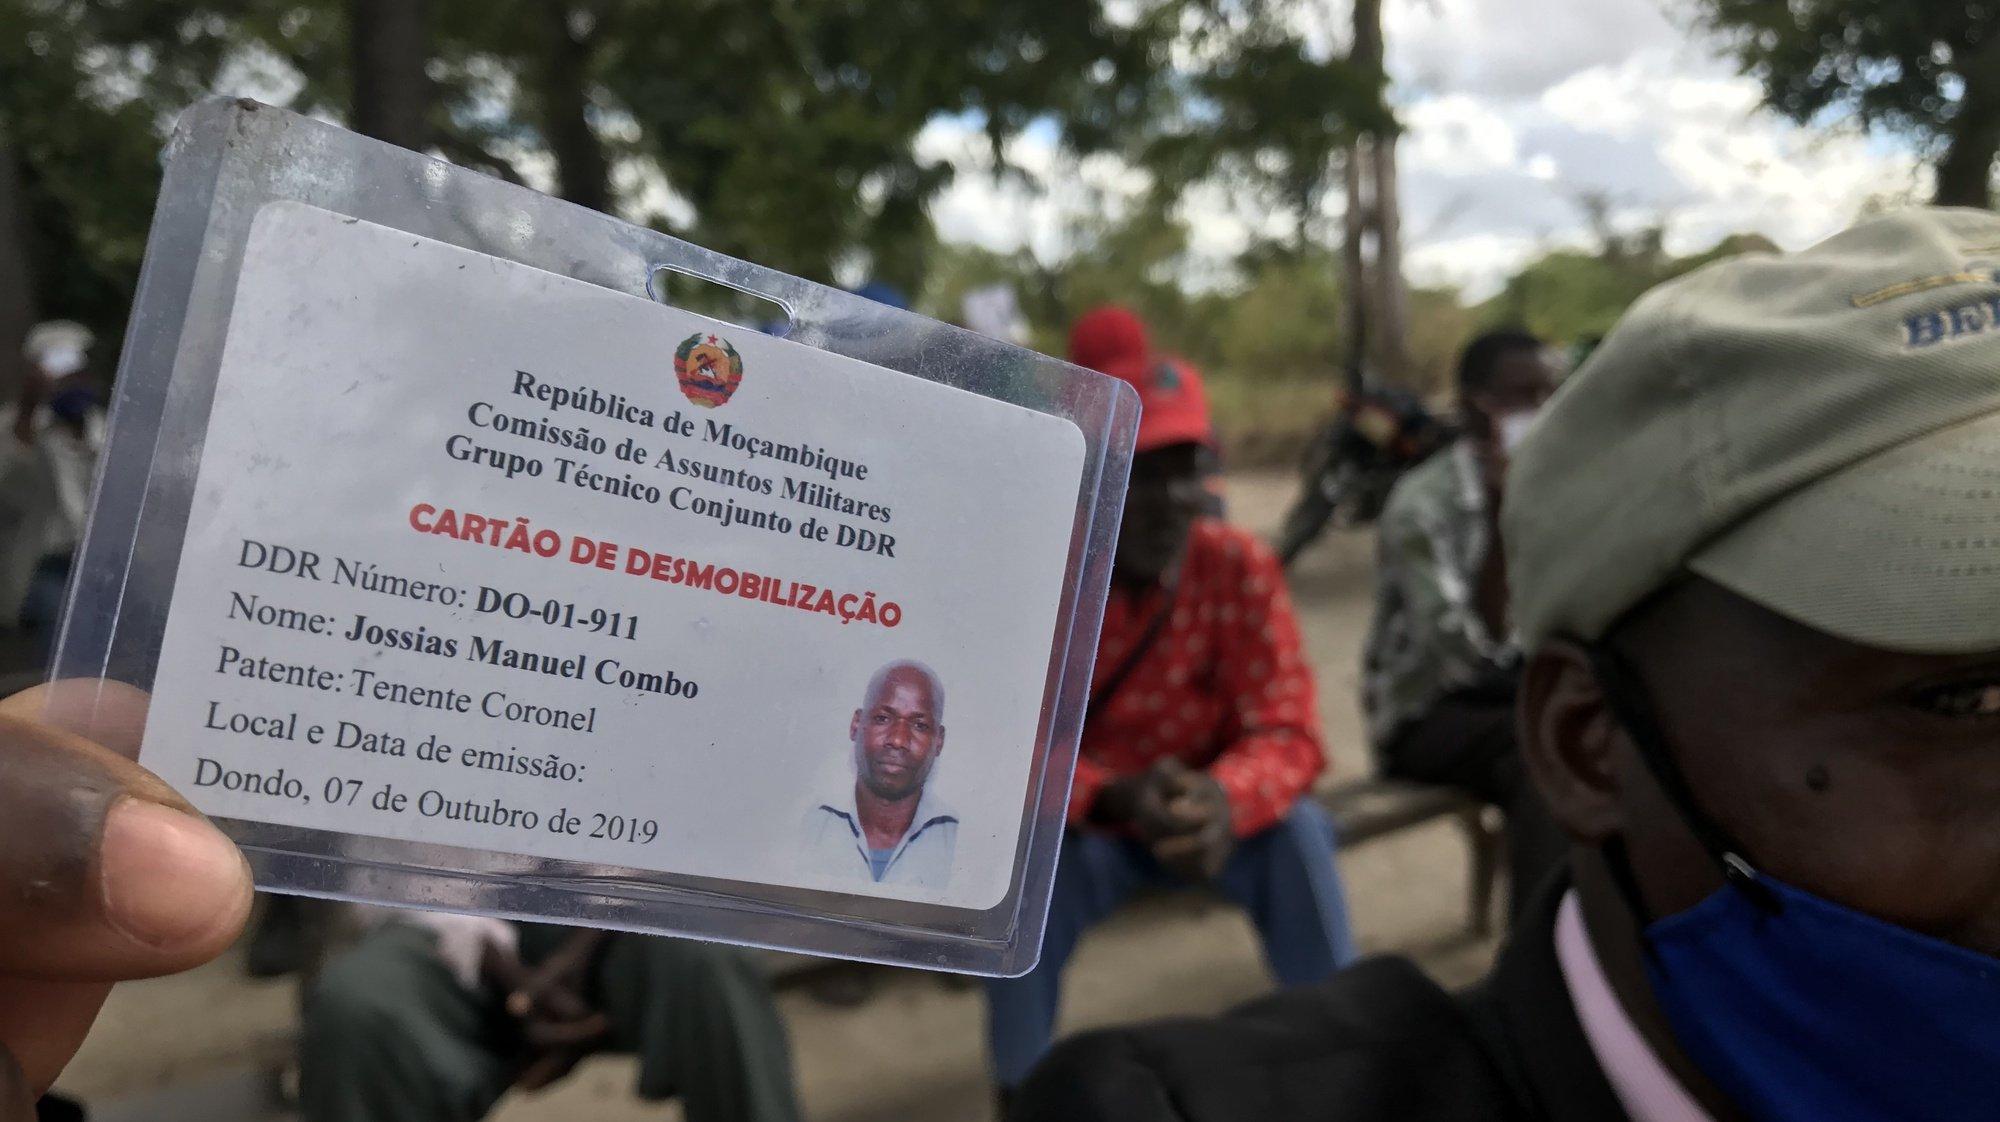 Um ex-guerrilheiro da Renamo mostra o cartão de desmobilização na aldeia de Cheadeia, Província de Sofala, Moçambique, 8 de julho de 2020. Alguns ex-guerrilheiros da Resistência Nacional Moçambicana (Renamo) que entregaram armas em junho no processo de desmilitarização, regressaram à aldeia natal, mas temem agora ser alvo de uma nova ameaça. (ACOMPANHA TEXTO DE 01/08/2020 )  ANDRÉ CATUEIRA/LUSA